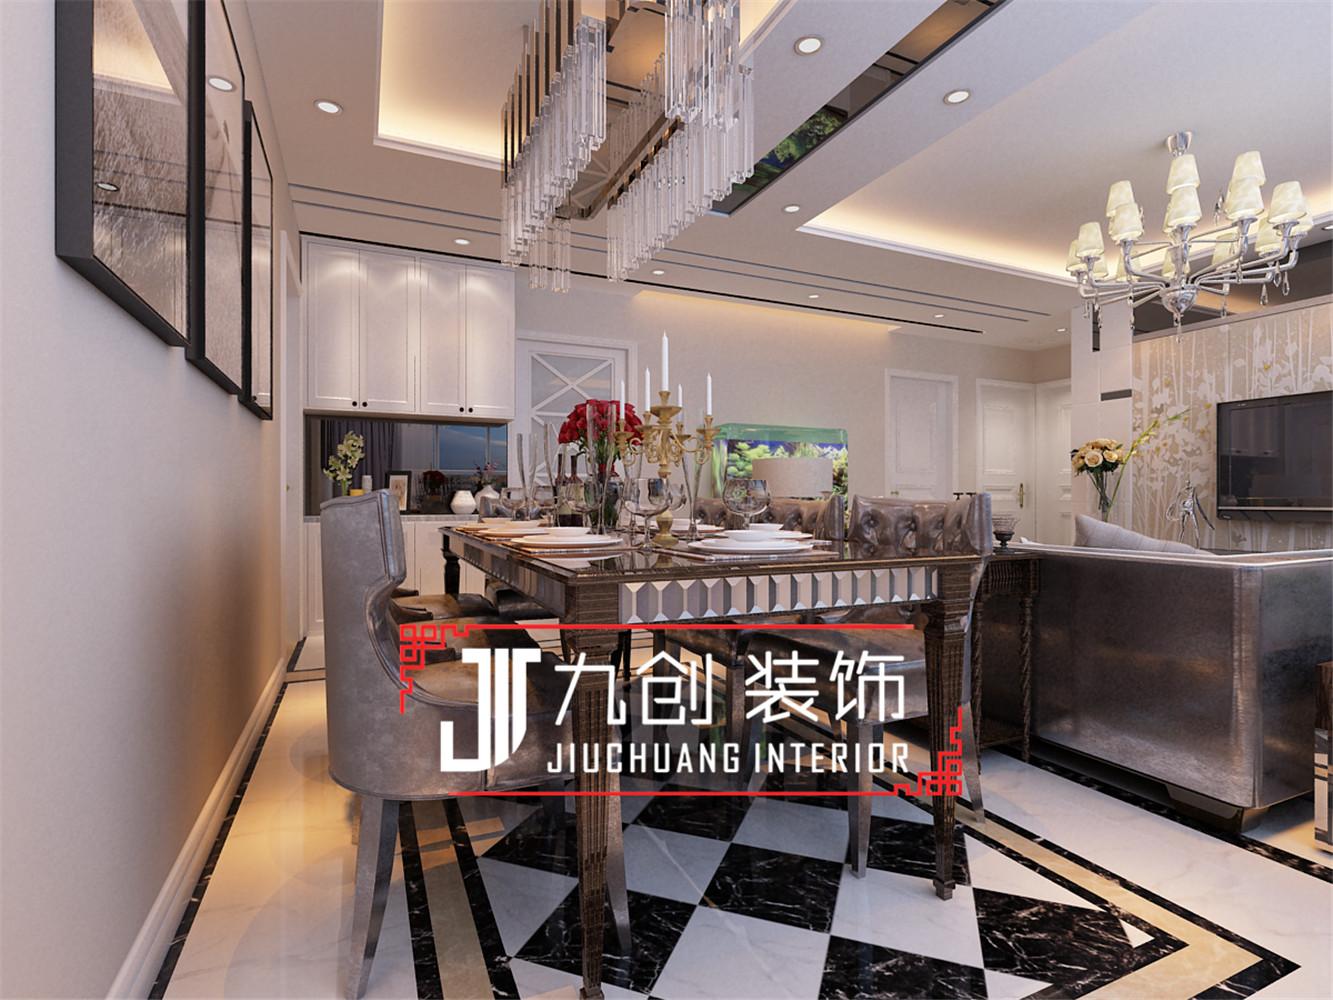 简约 三居 西吴御龙庭 餐厅图片来自昆明九创装饰温舒德在西吴御龙庭101㎡简欧设计的分享